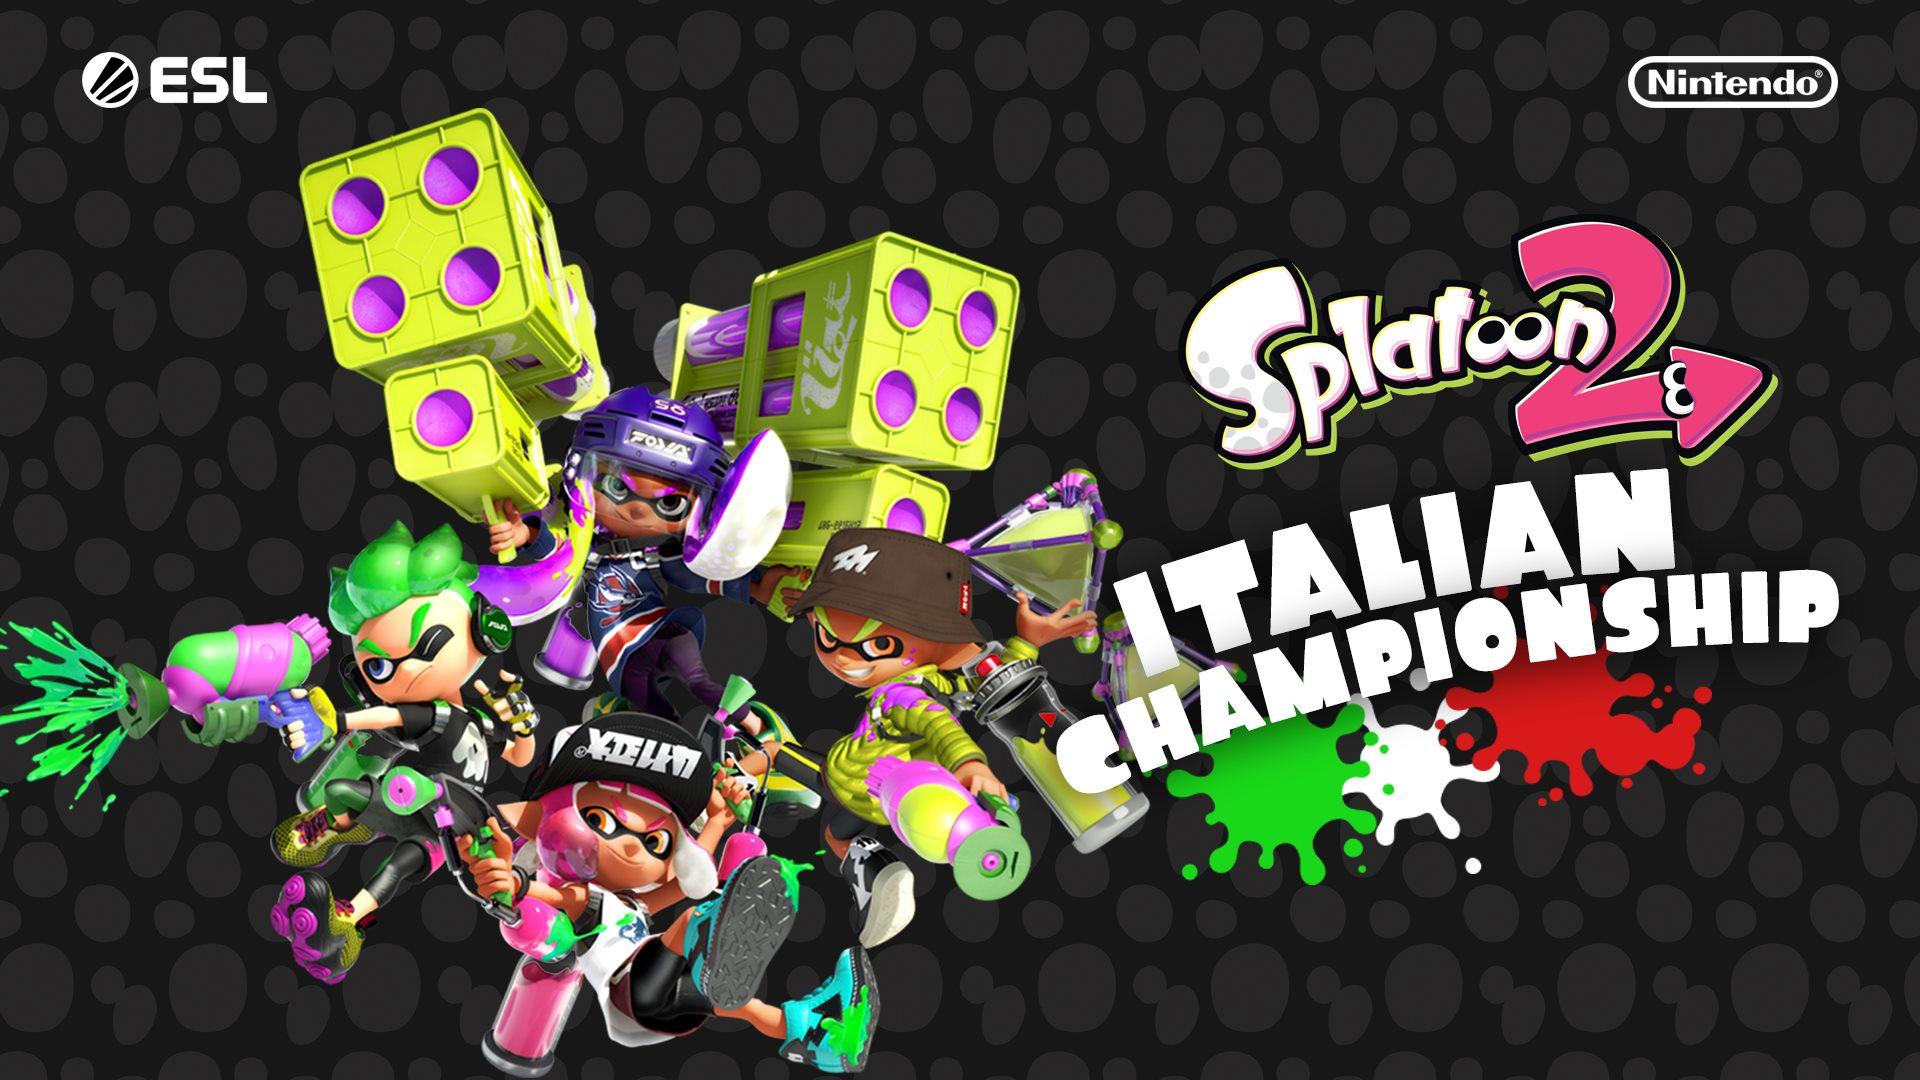 L'estate sta finendo? Niente paura grazie allo Splatoon 2 Italian Championship 2019-2020!